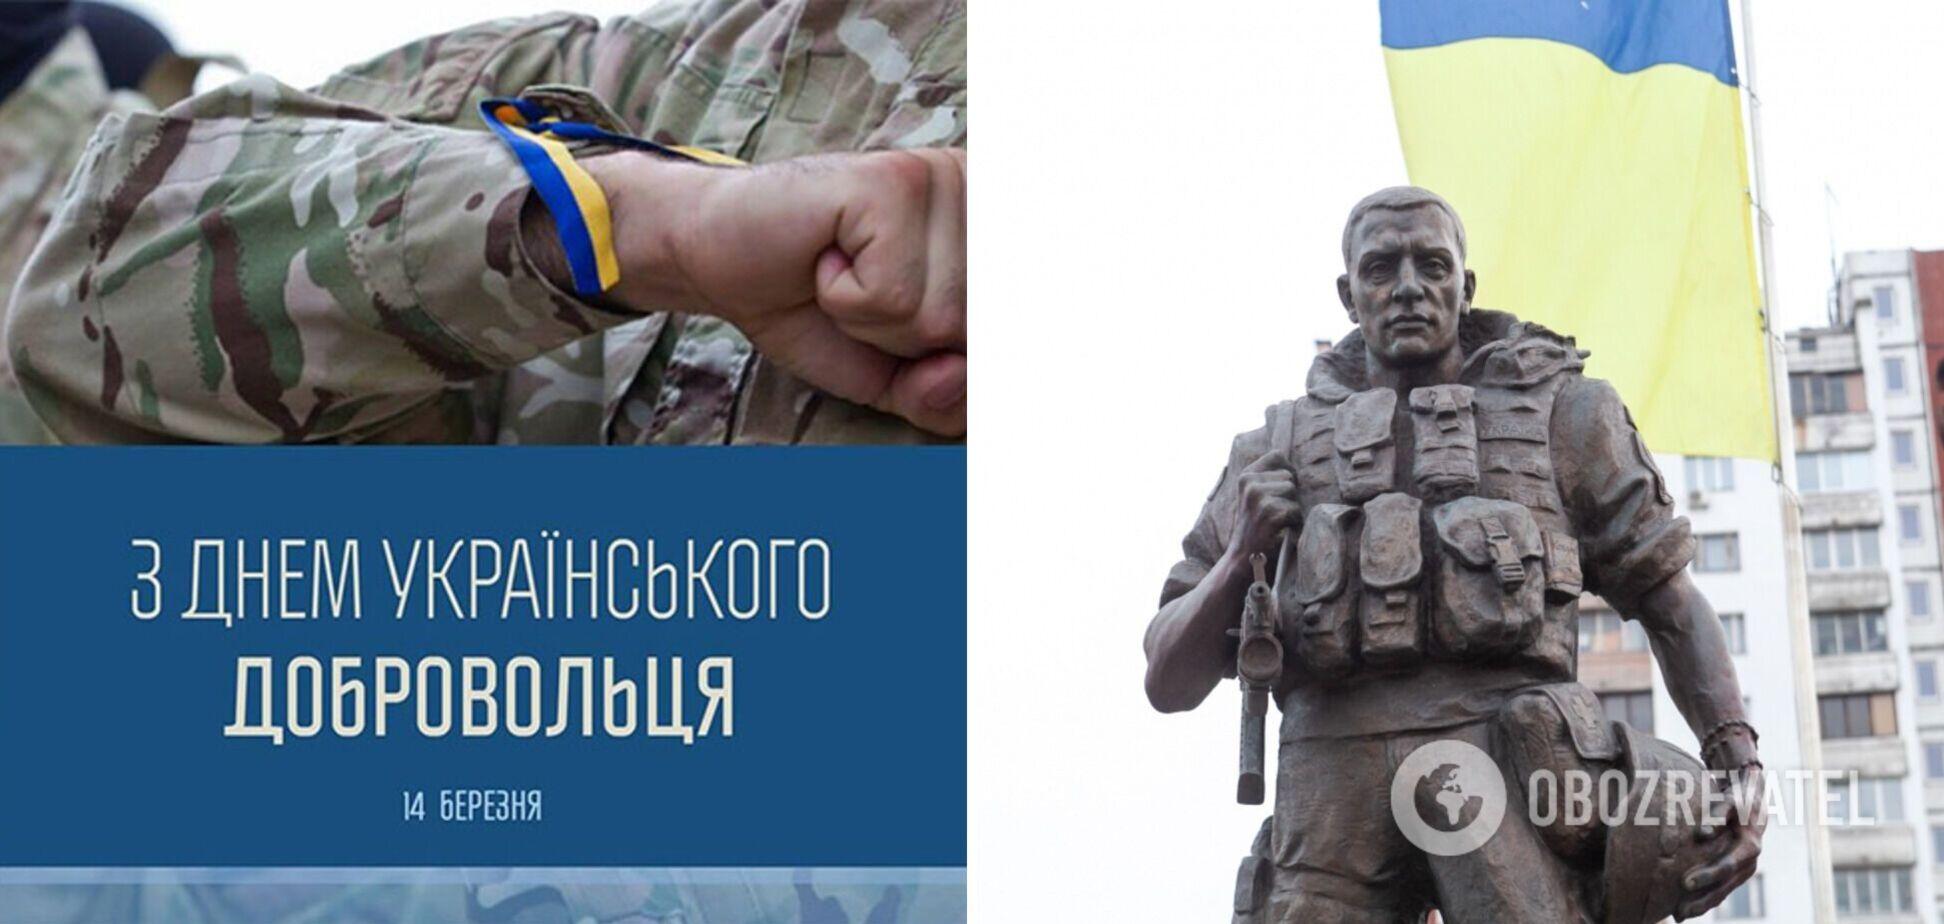 День украинского добровольца отмечается с 2017 года